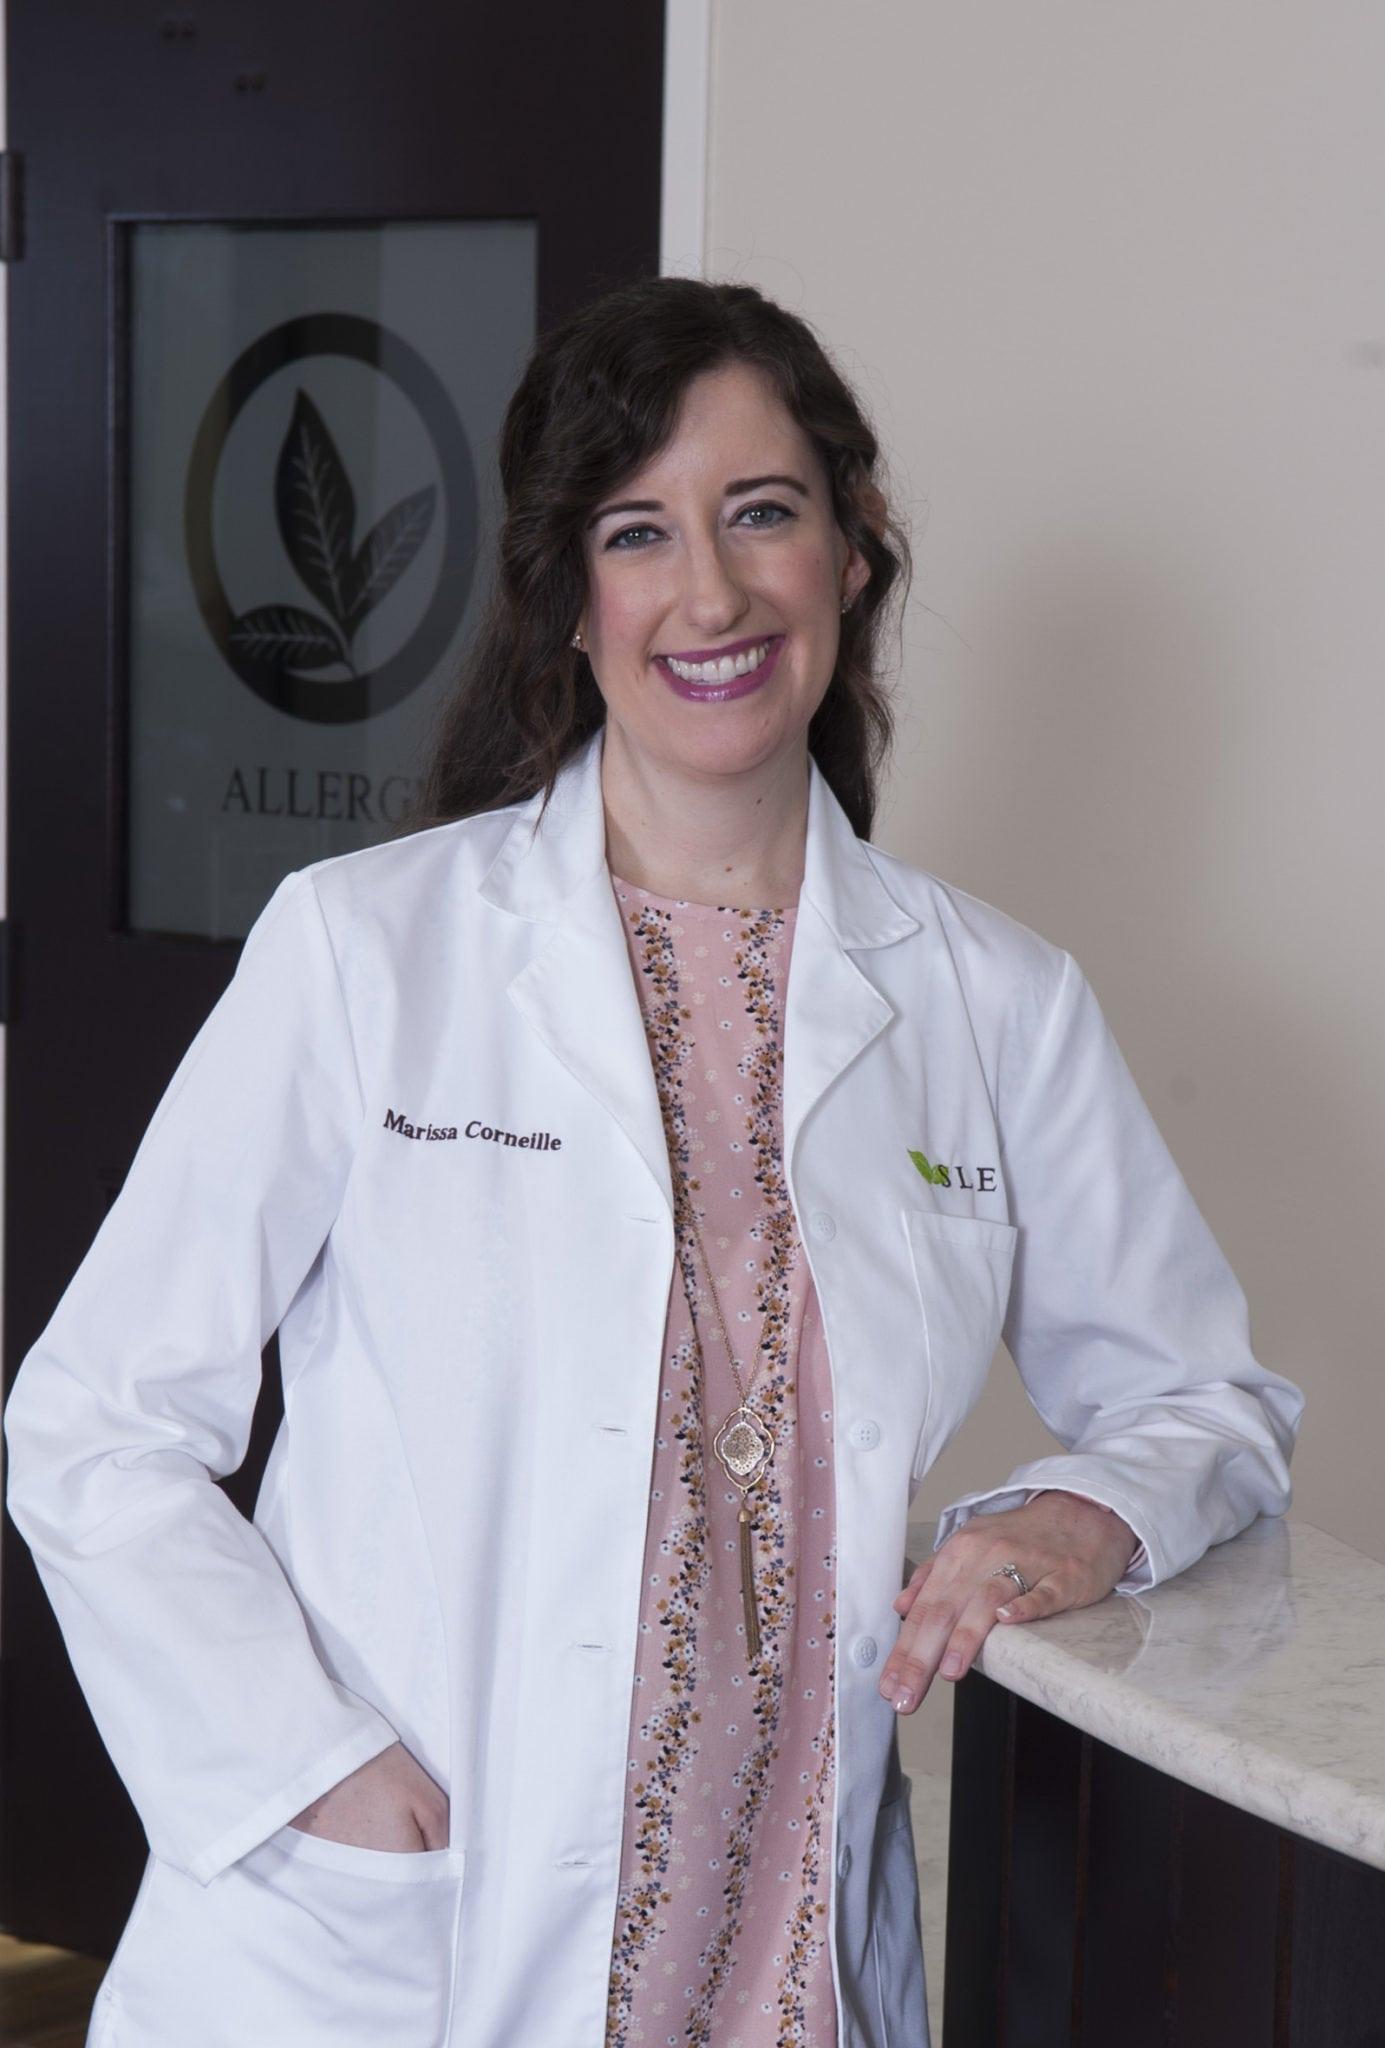 Dr. Marissa Corneille